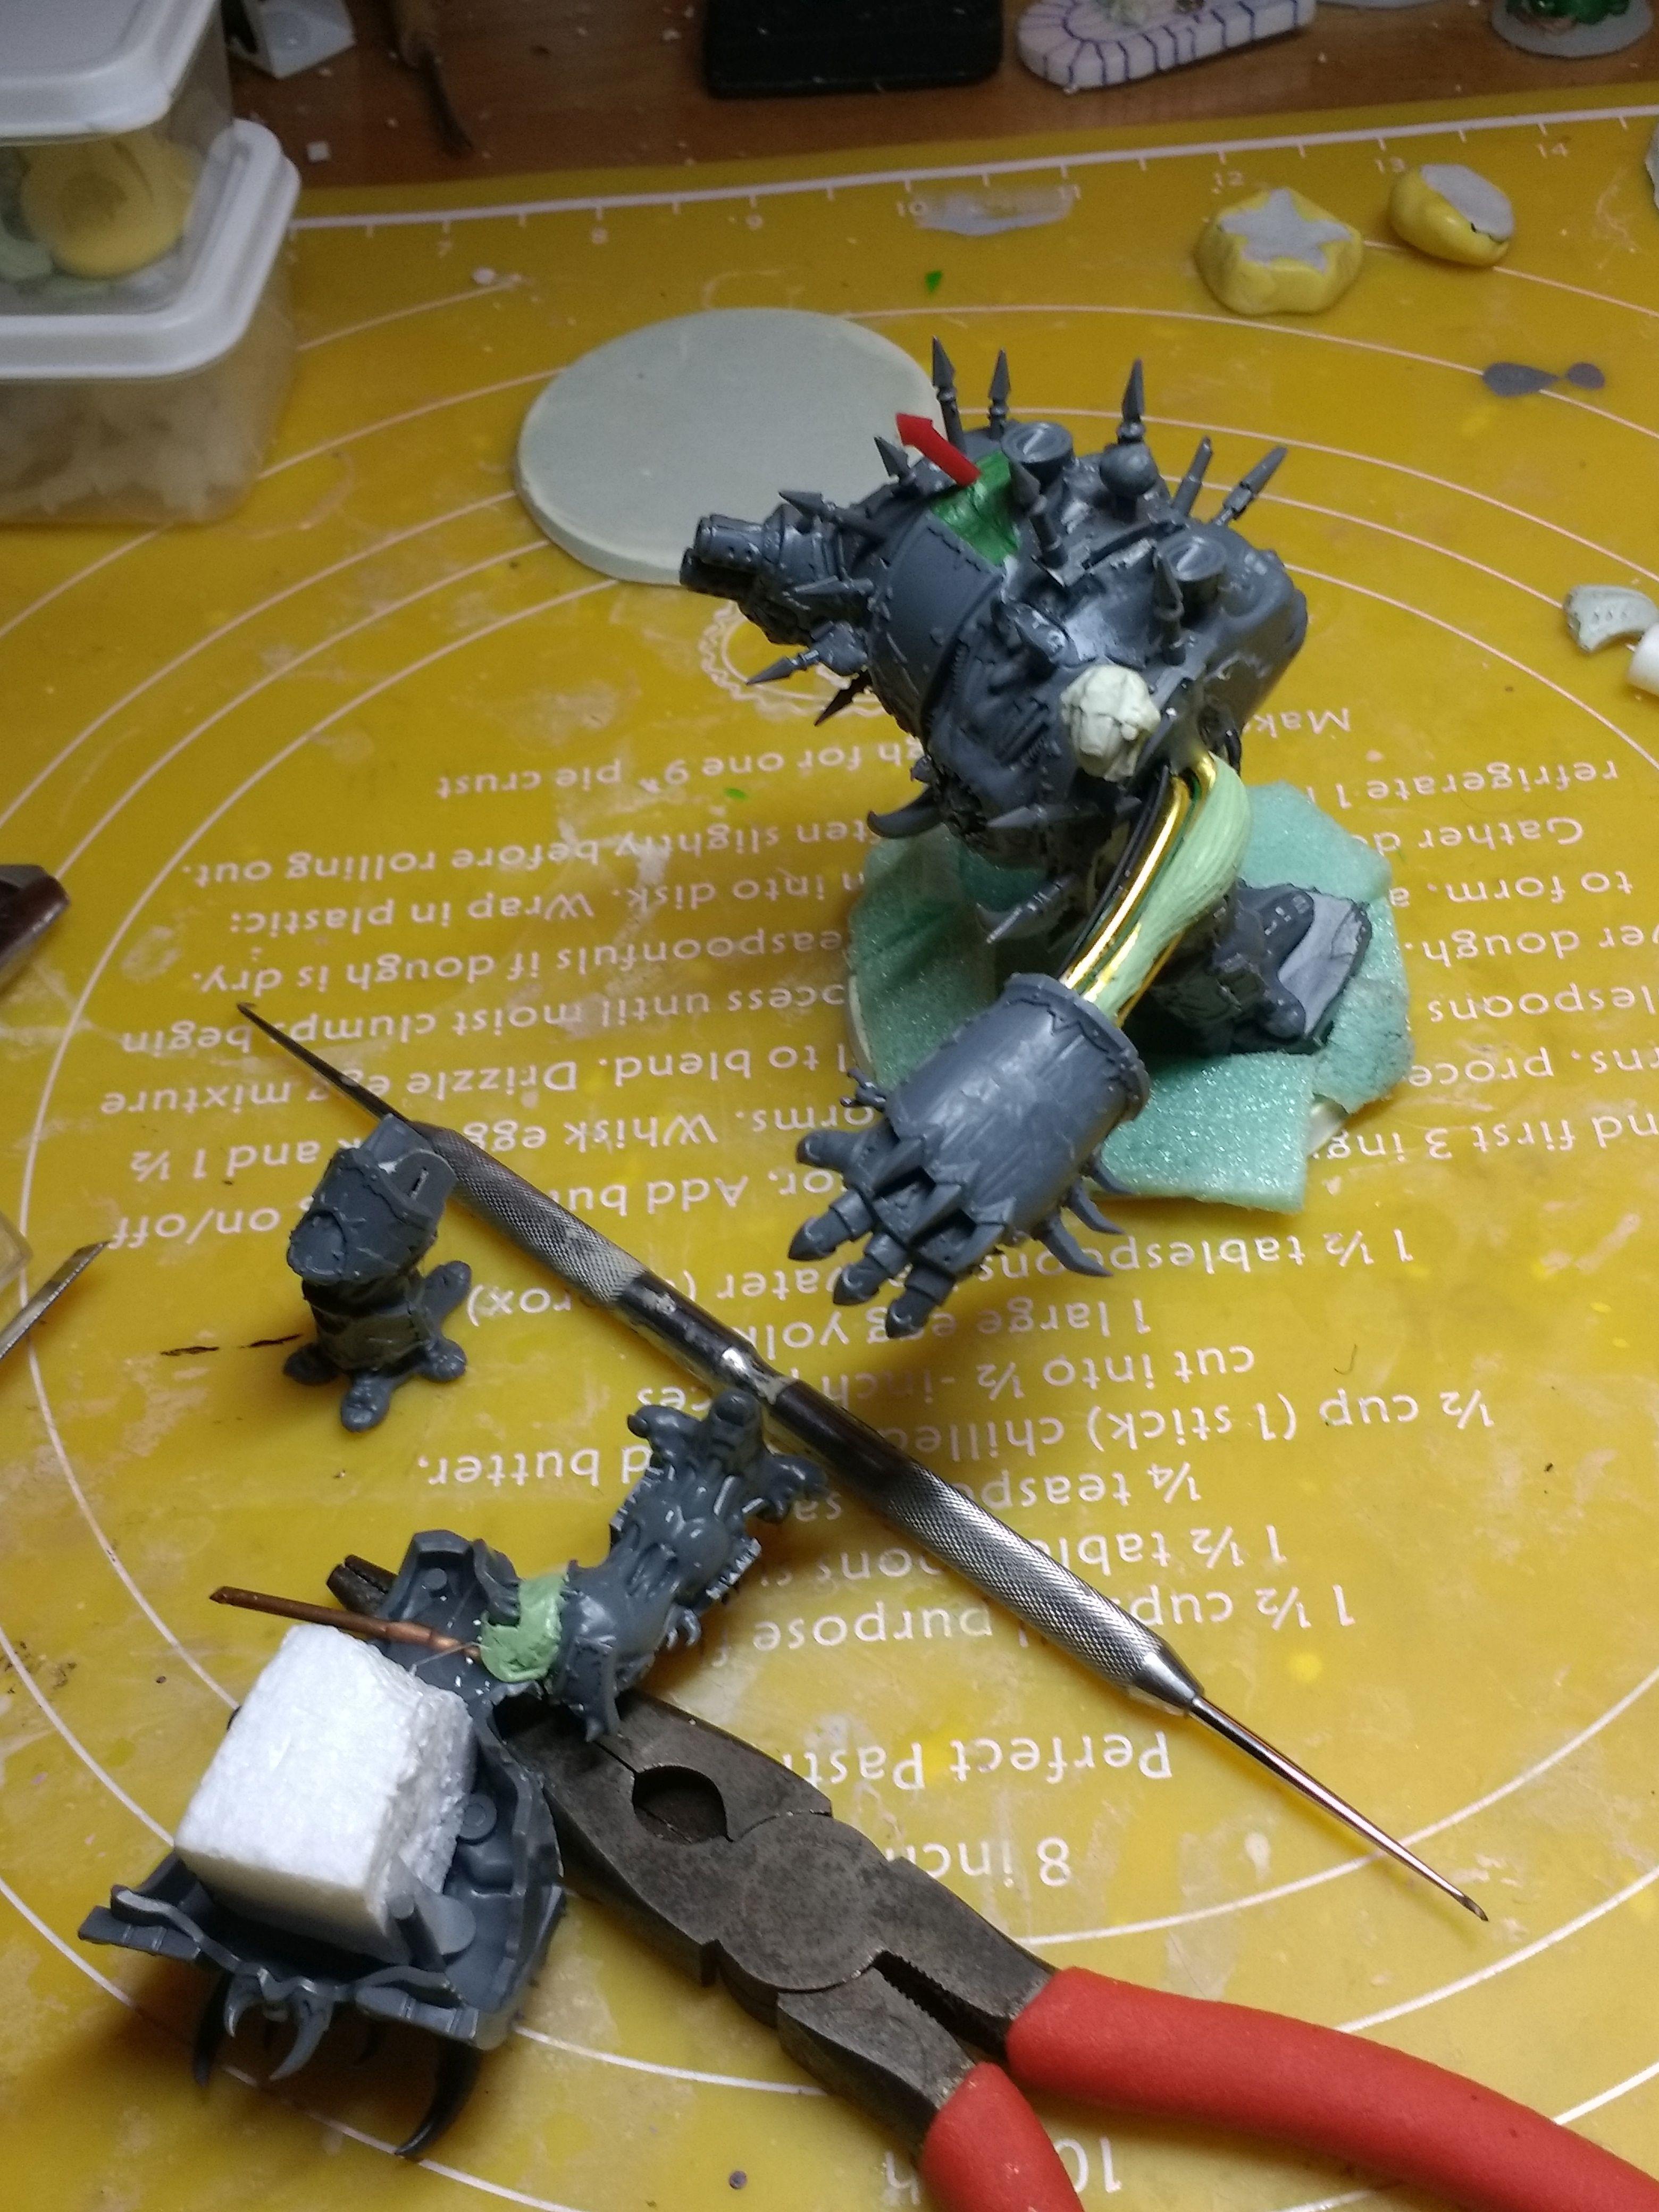 Chaos, Dreadnought, Warhammer 40,000